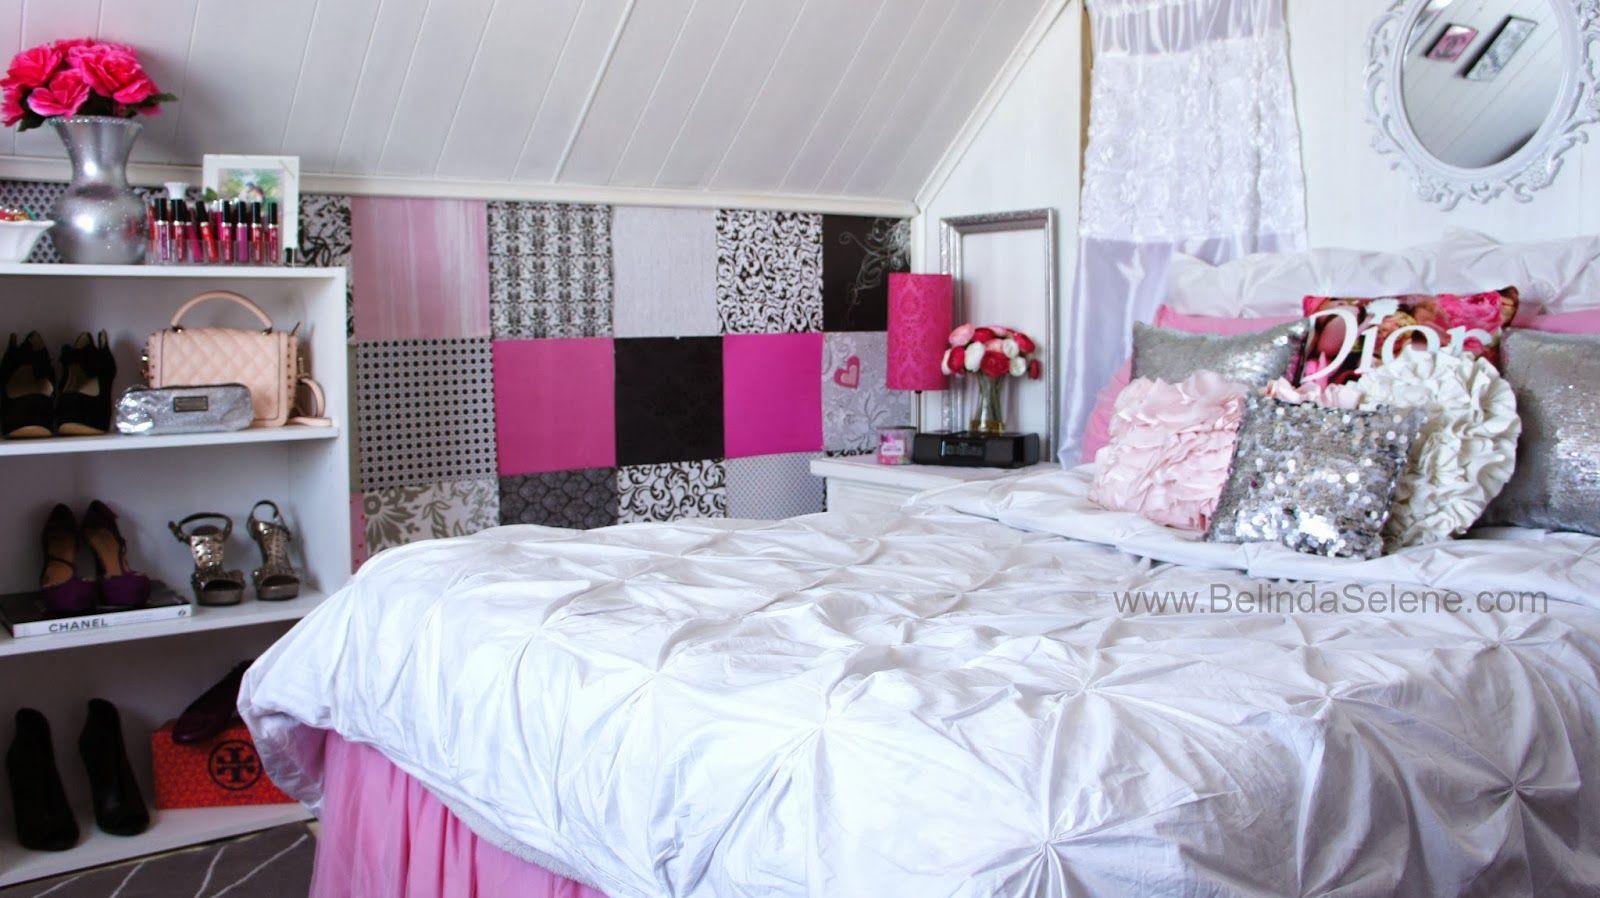 Modern Shabby Chic Room Tour! BelindaSelene.com | Room ...